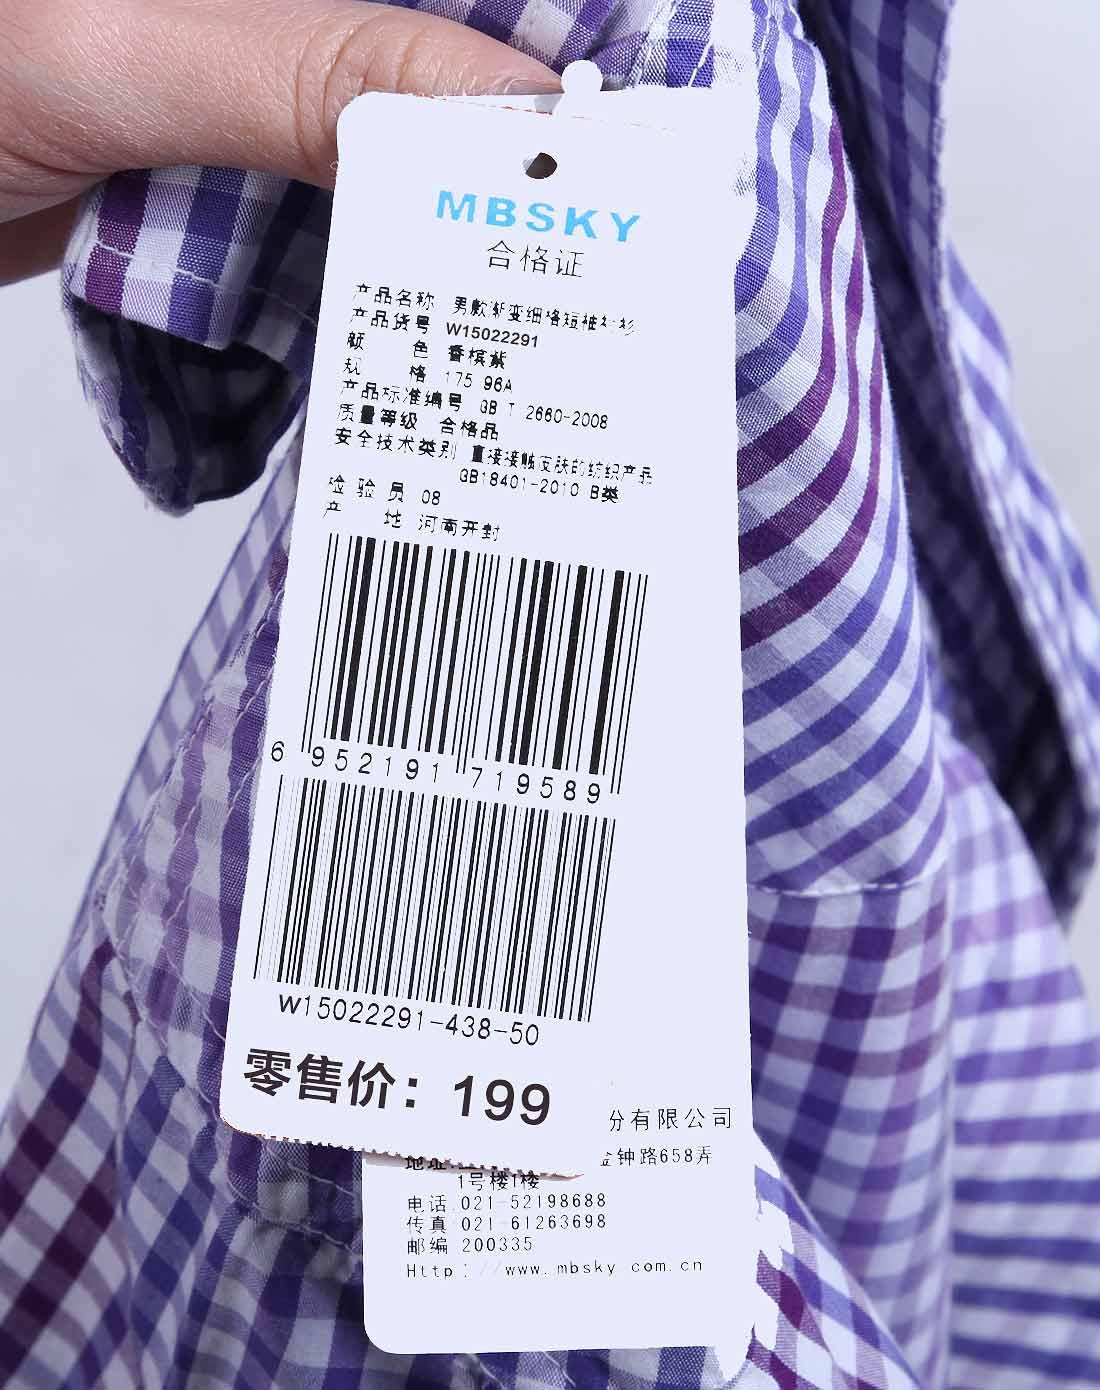 蓝色天空mbsky香槟紫色渐变细格短袖衬衫w15022291